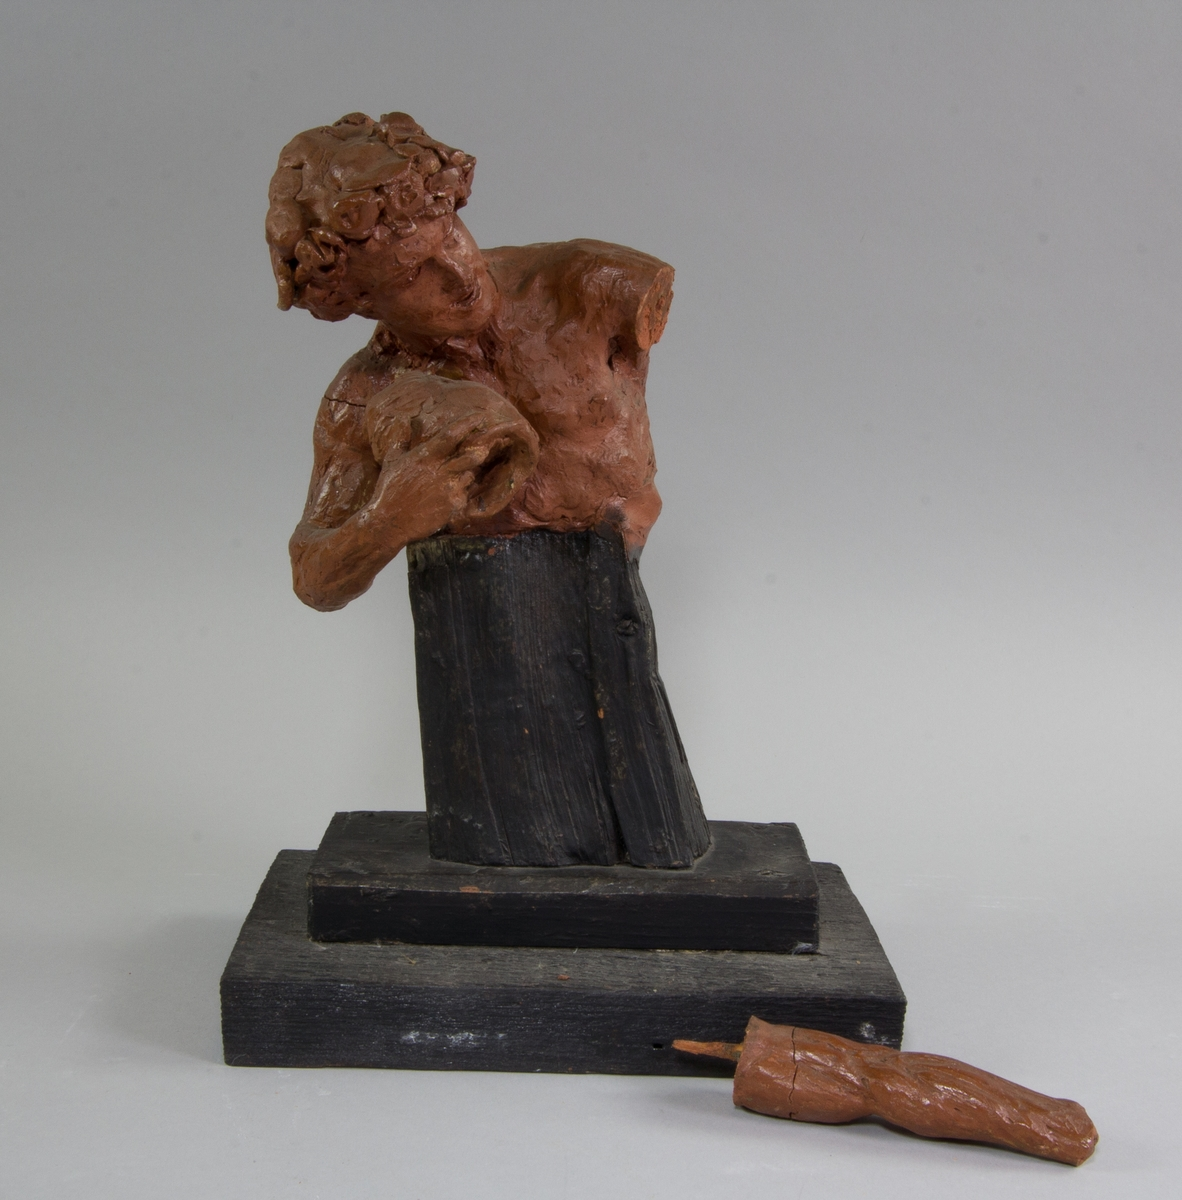 Triton, bröstbild, med blomsterkrans i håret. Håller en snäcka i ena handen och den andra armen utsträckt.